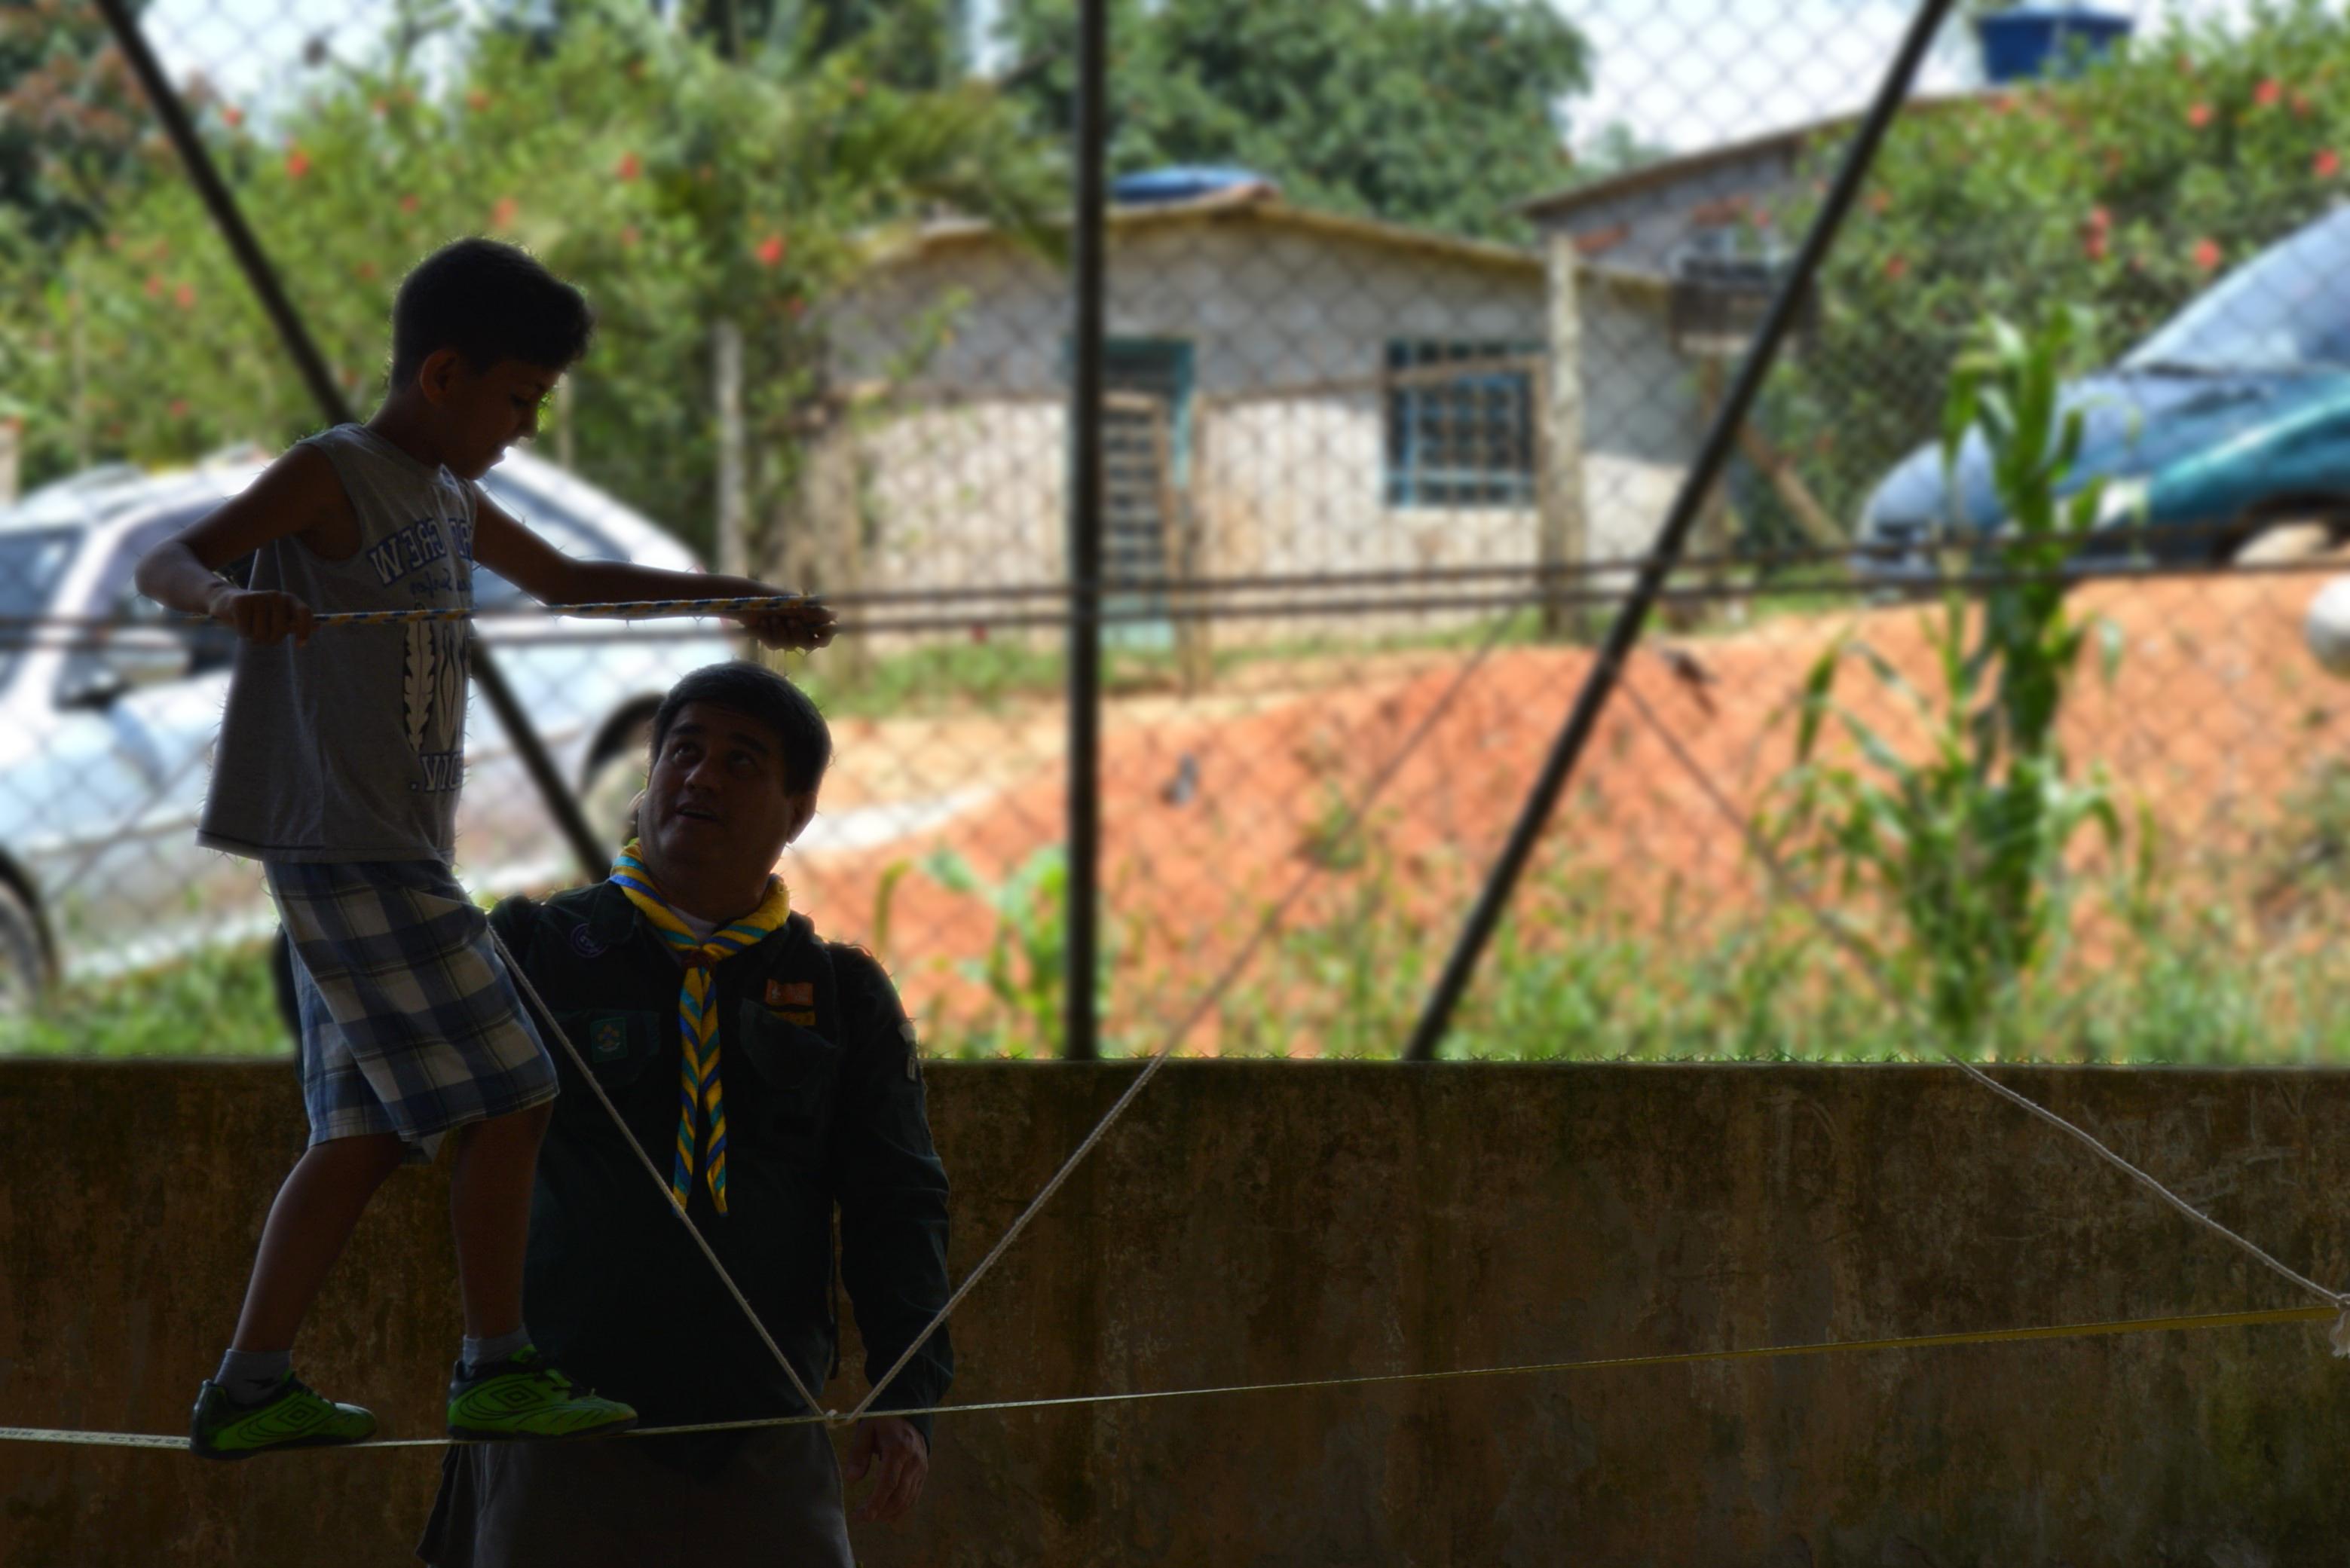 Grupo Escoteiro Quarupe realiza atividade comunitária na cidade de Piedade